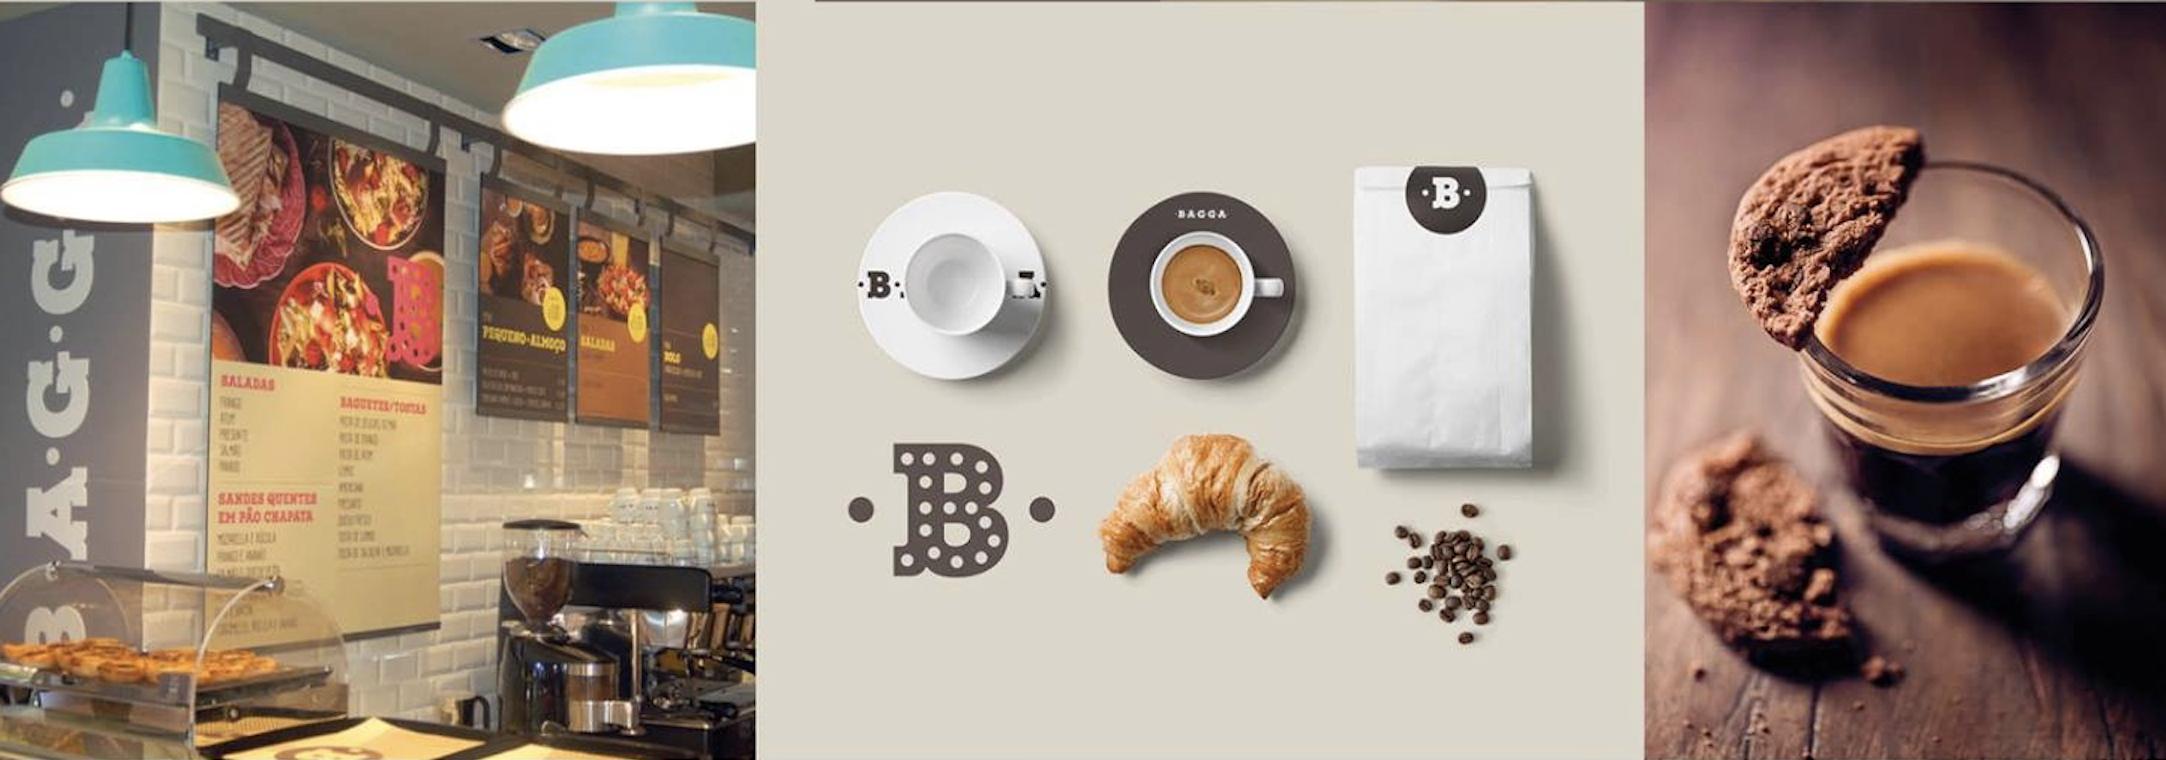 Bagga Caffee moodboard